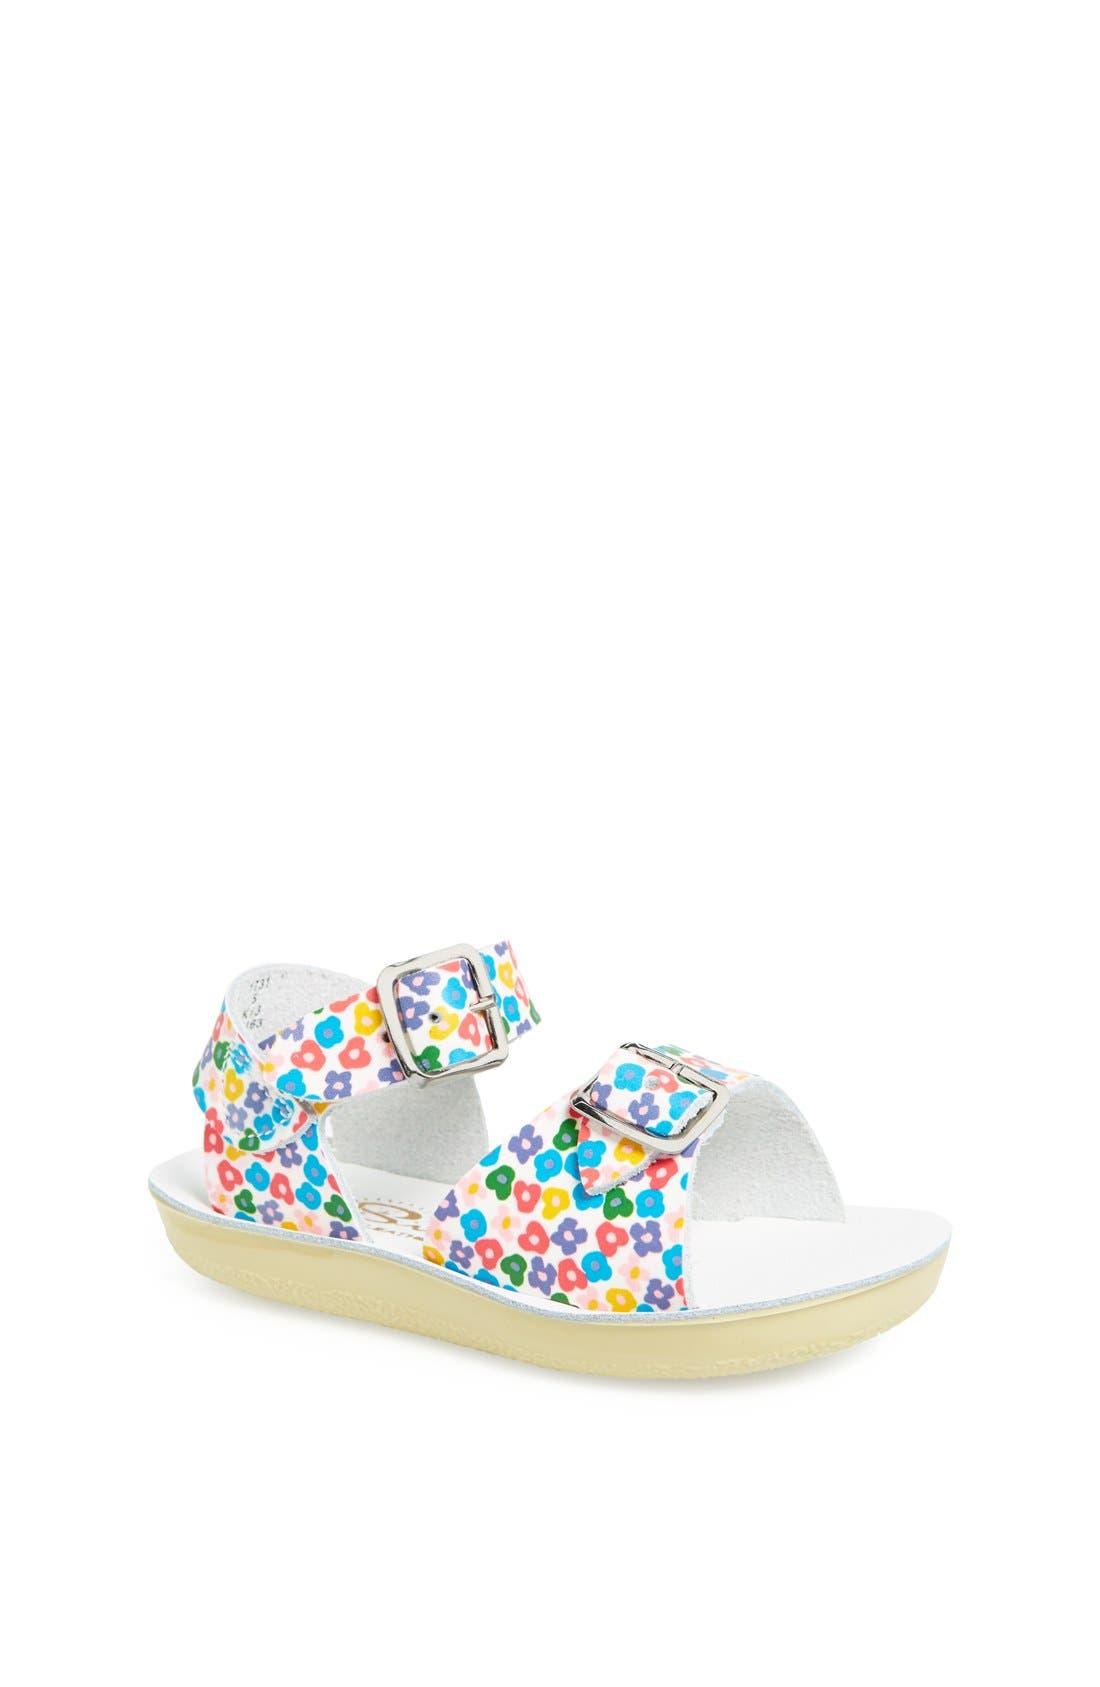 Main Image - Salt Water Sandals by Hoy 'Surfer' Sandal (Baby & Walker)